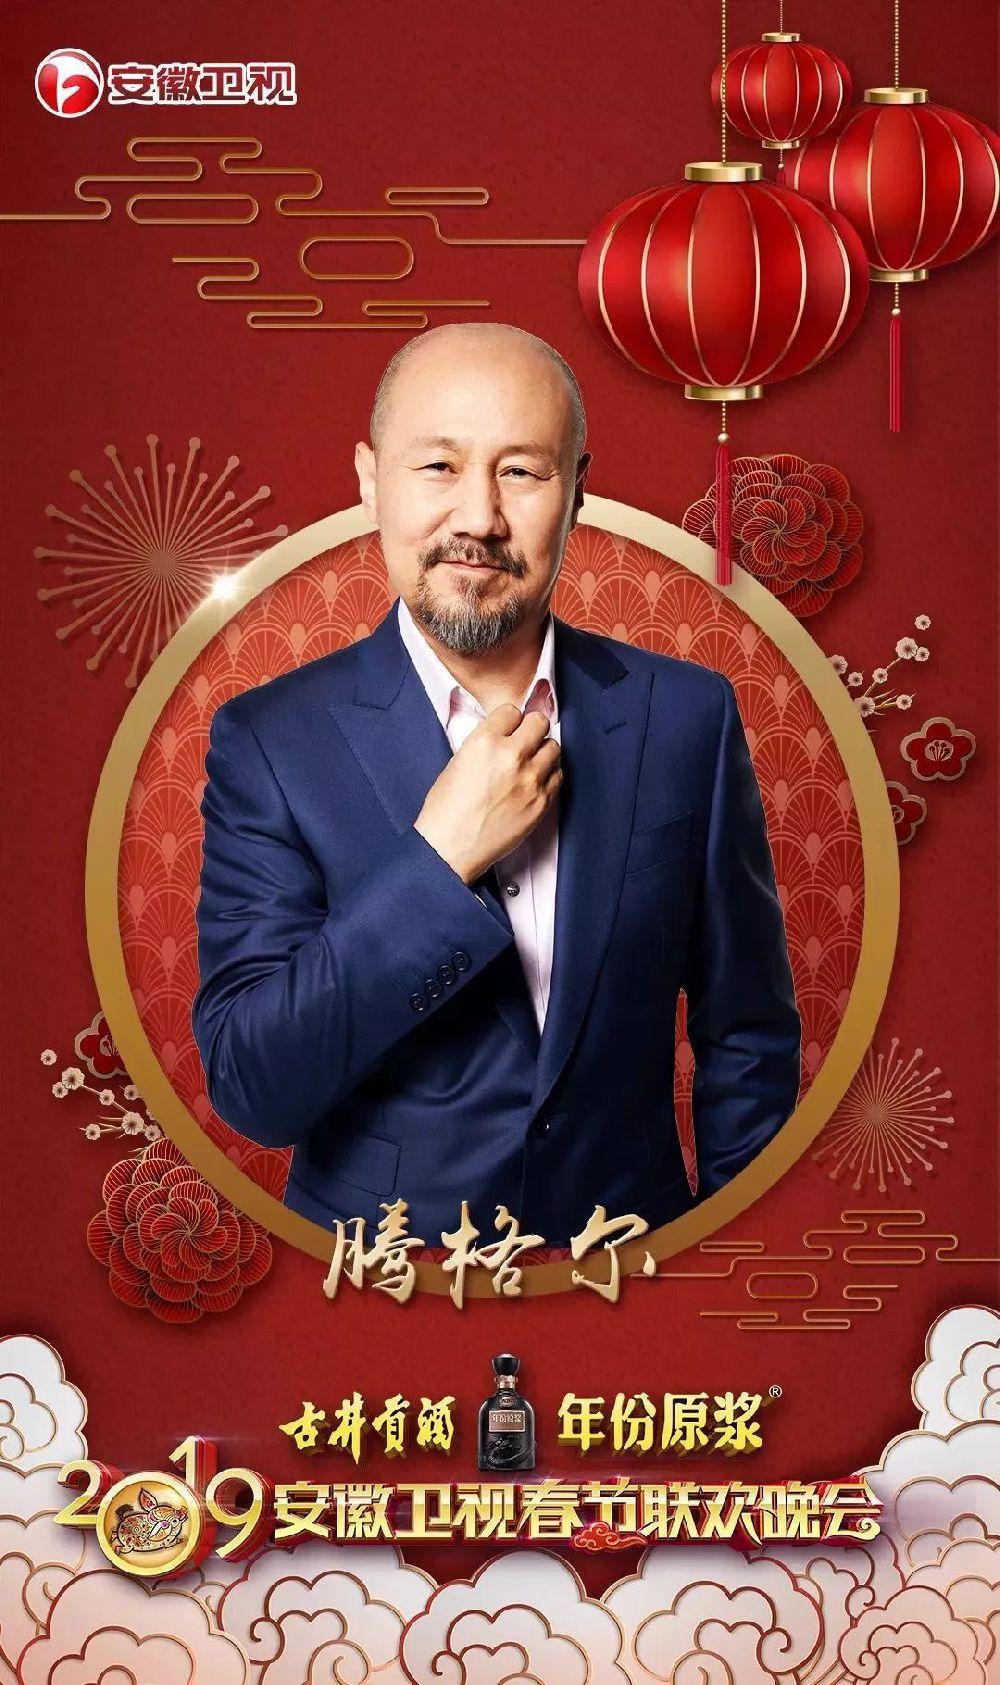 2019安徽卫视春晚1月10日起录制 腾格尔张杰等加盟